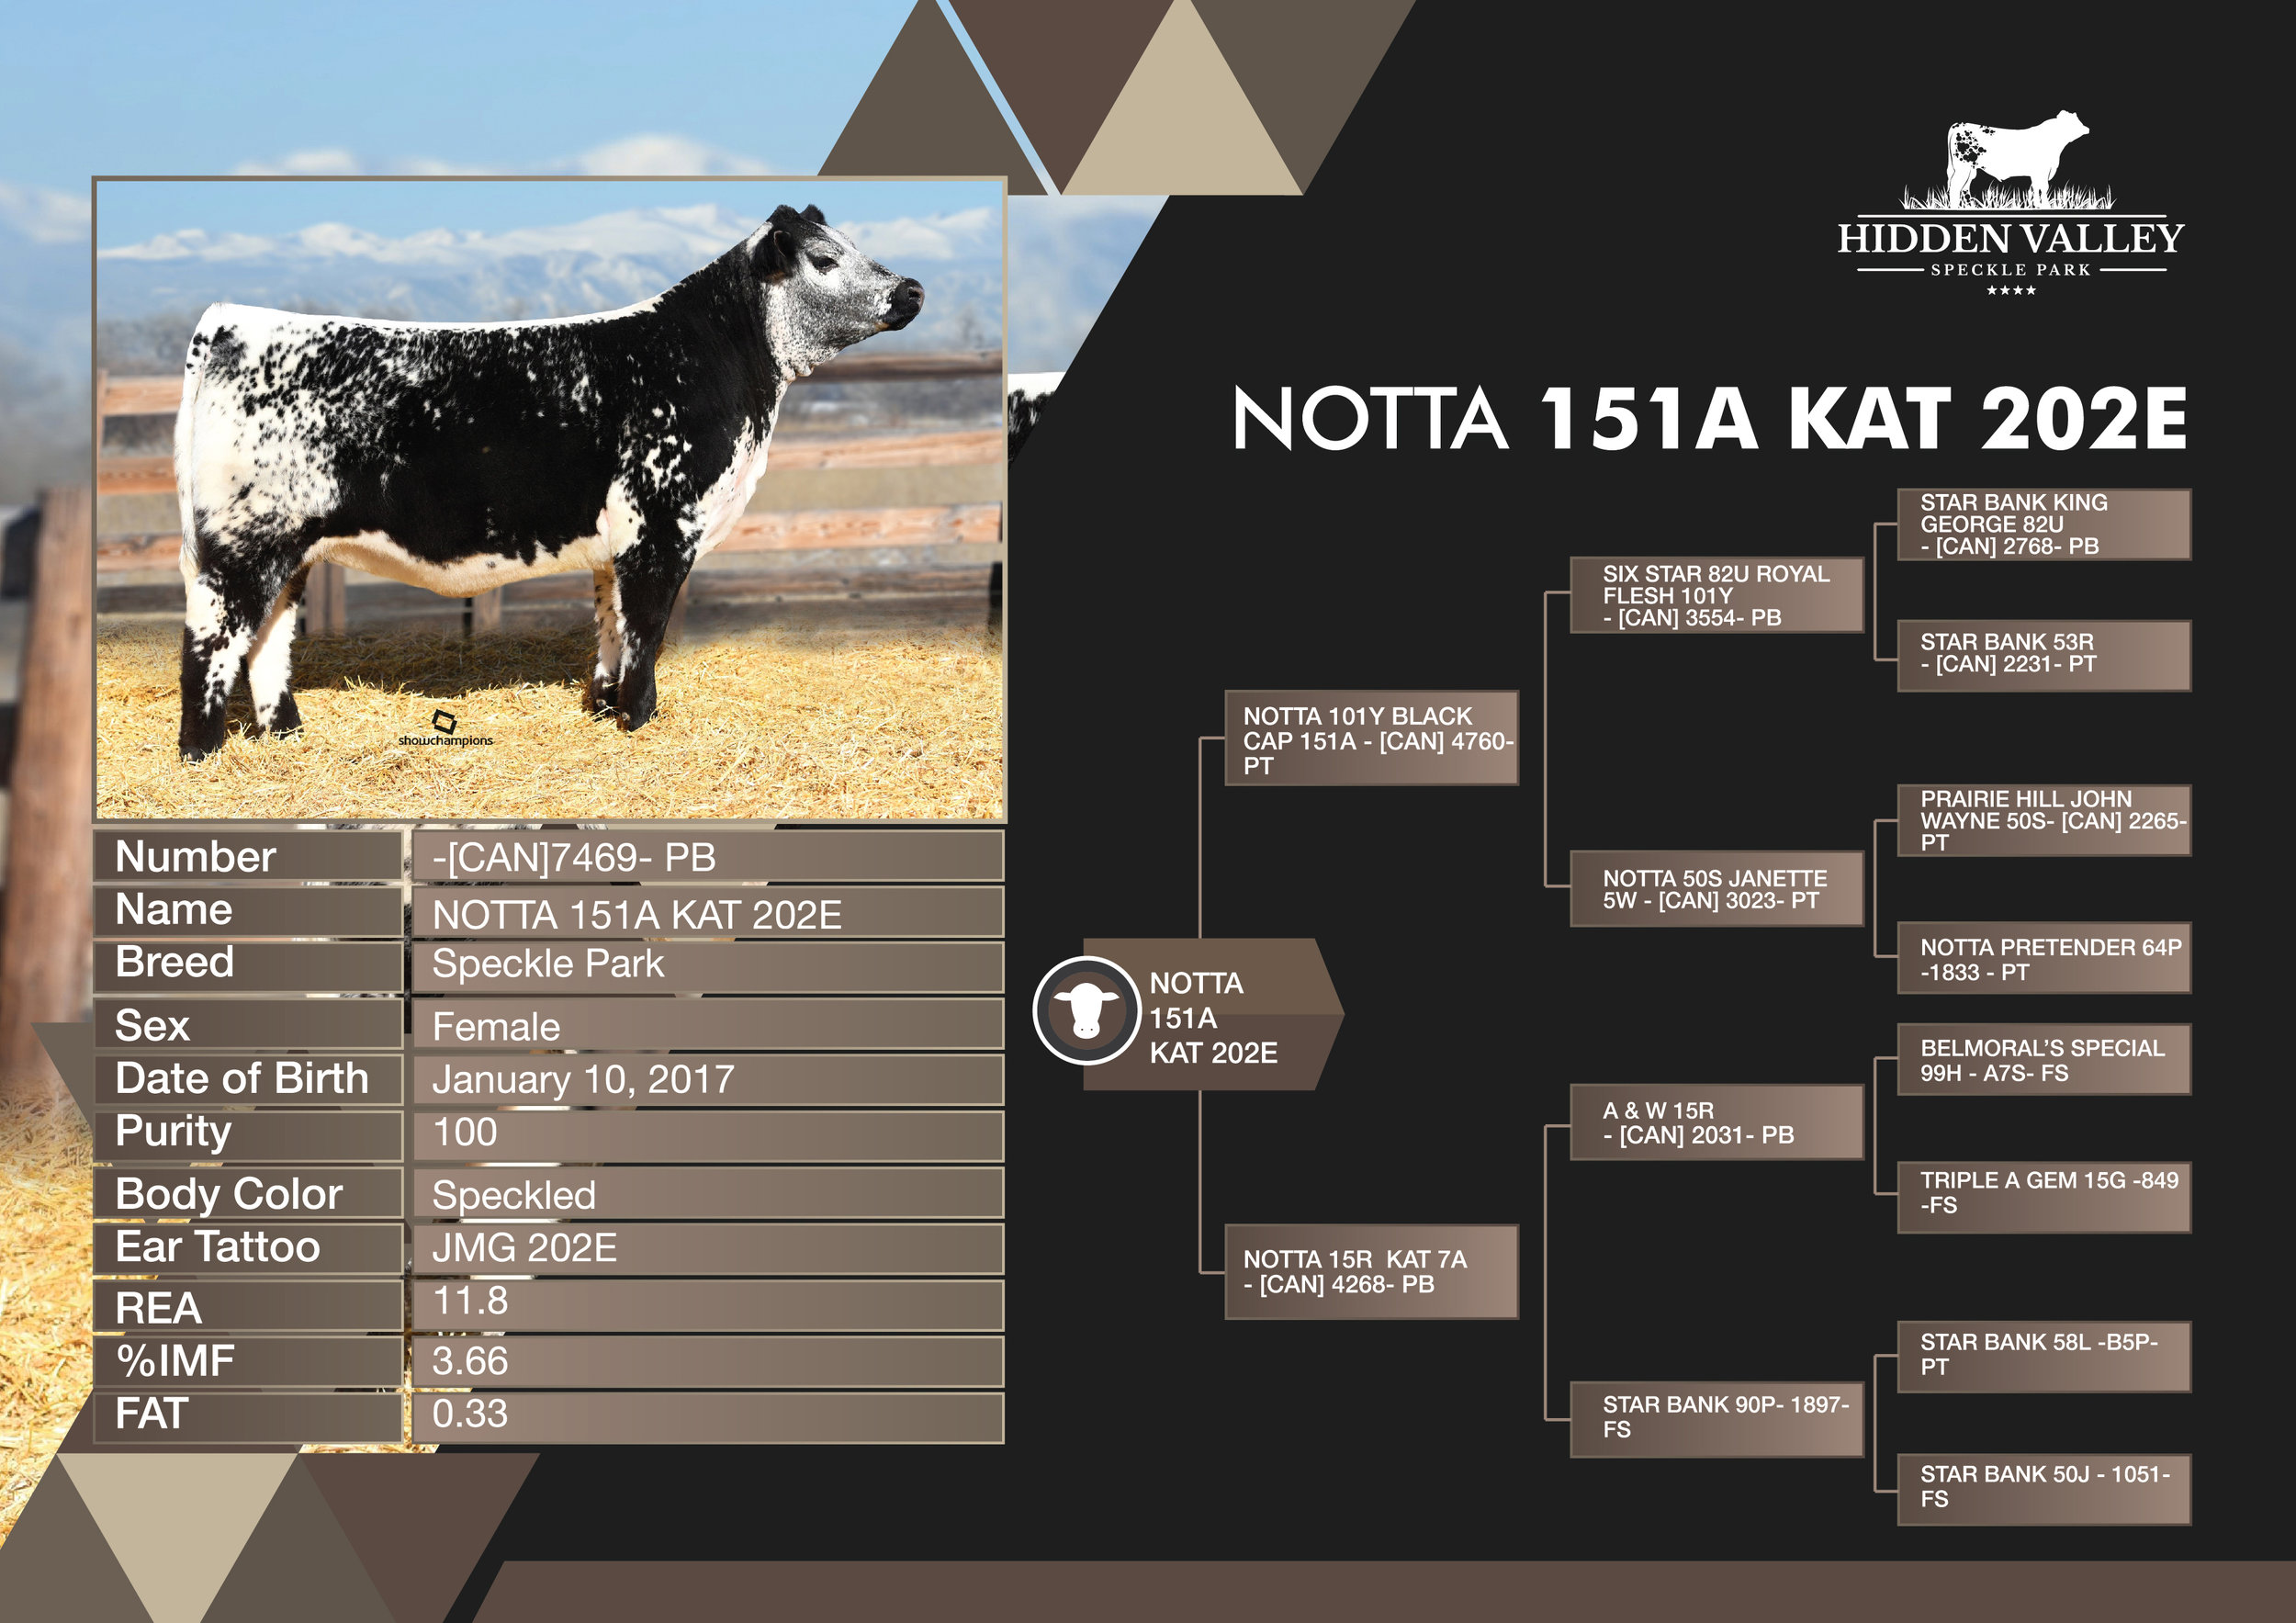 NOTTA_151A_KAT_202E_Flyer01.jpg